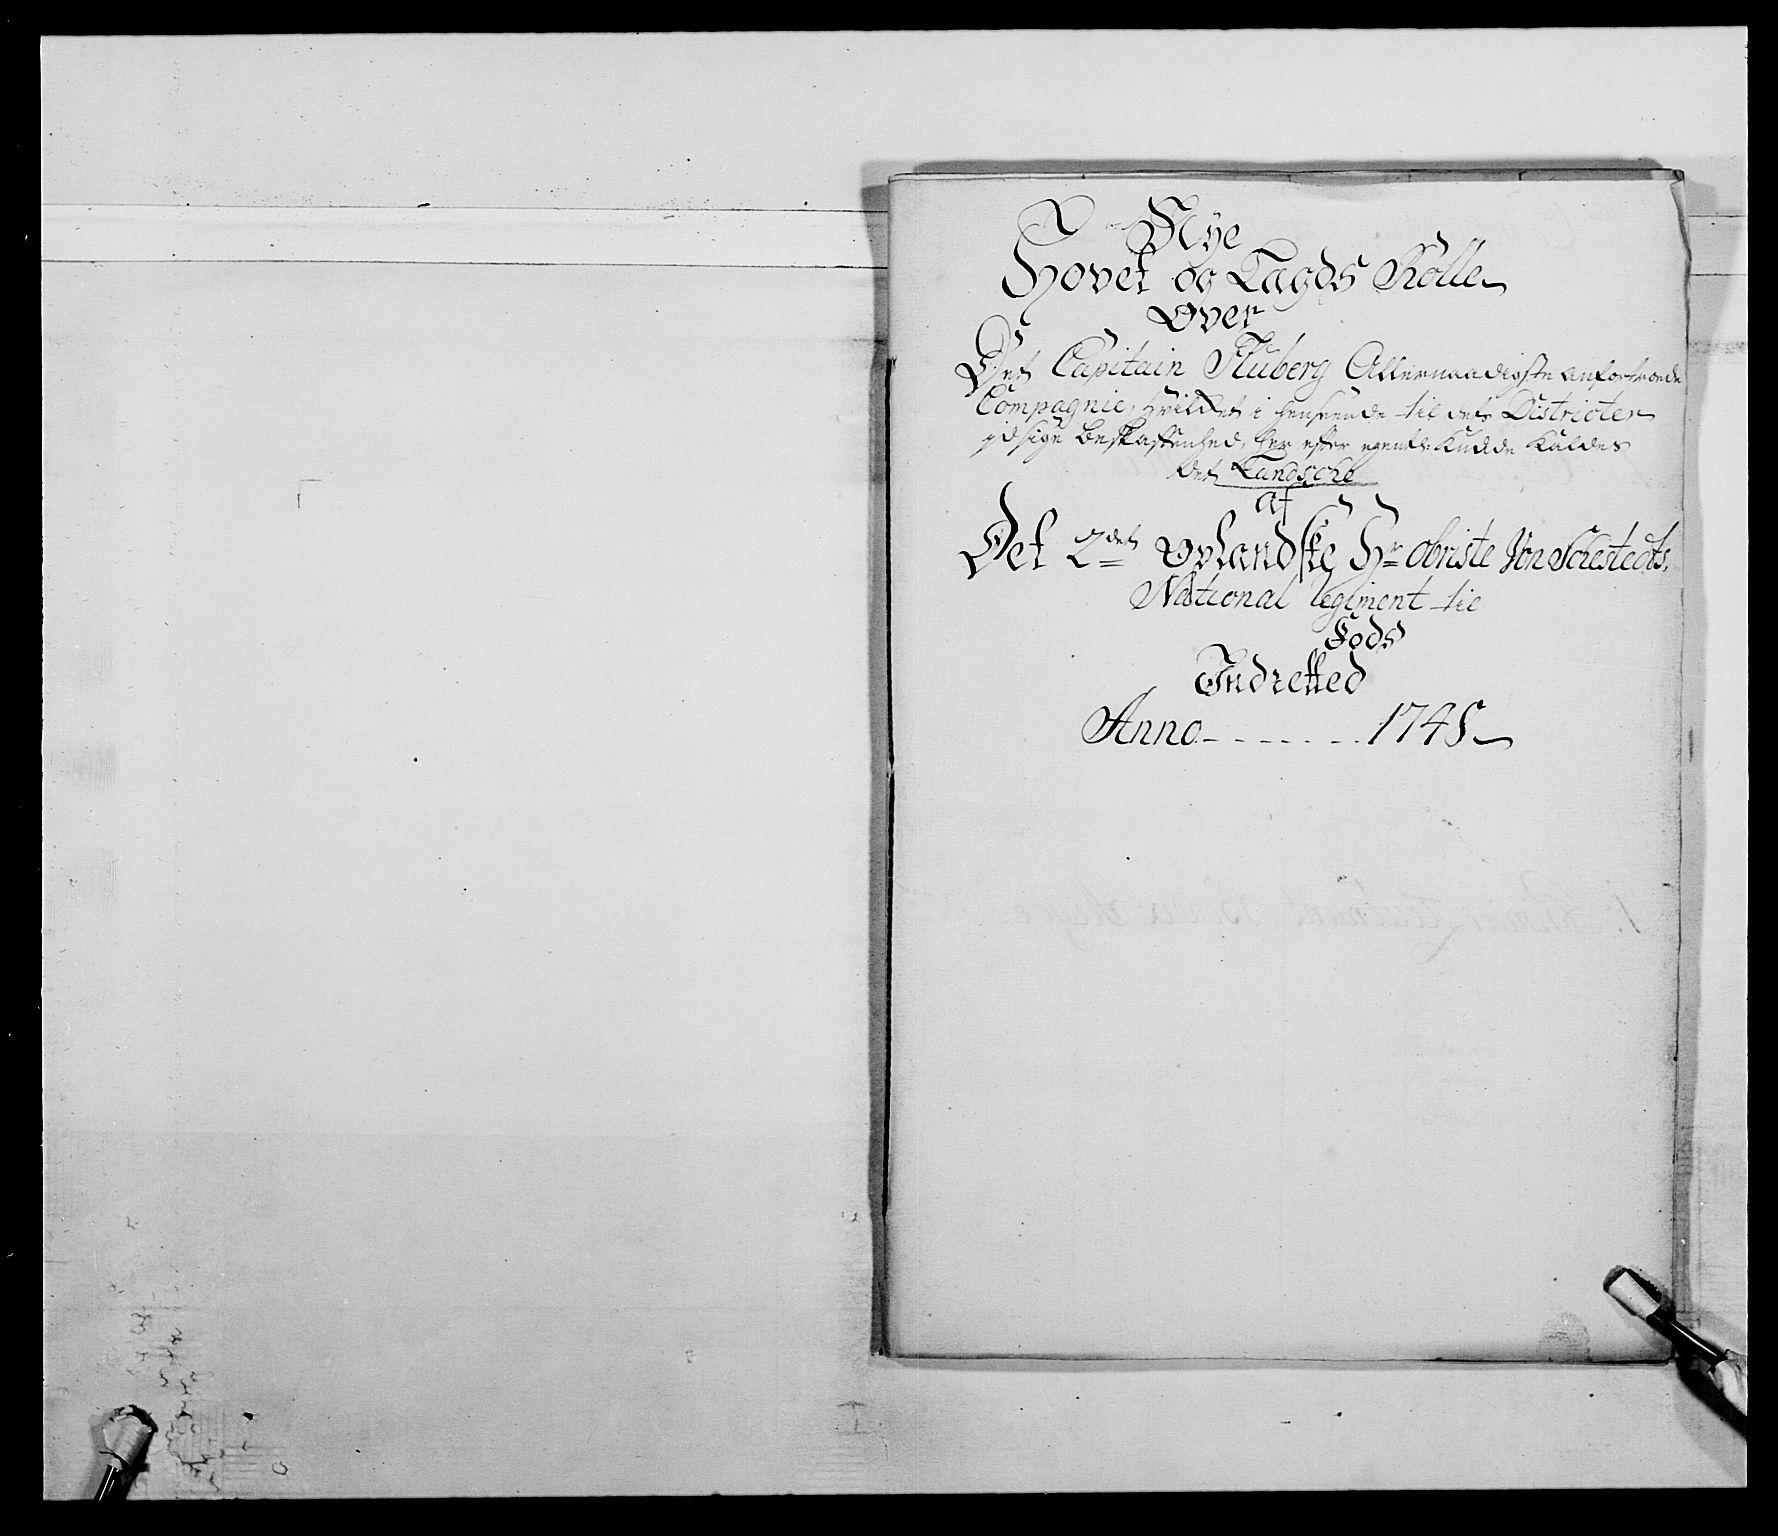 RA, Kommanderende general (KG I) med Det norske krigsdirektorium, E/Ea/L0505: 2. Opplandske regiment, 1748, s. 5